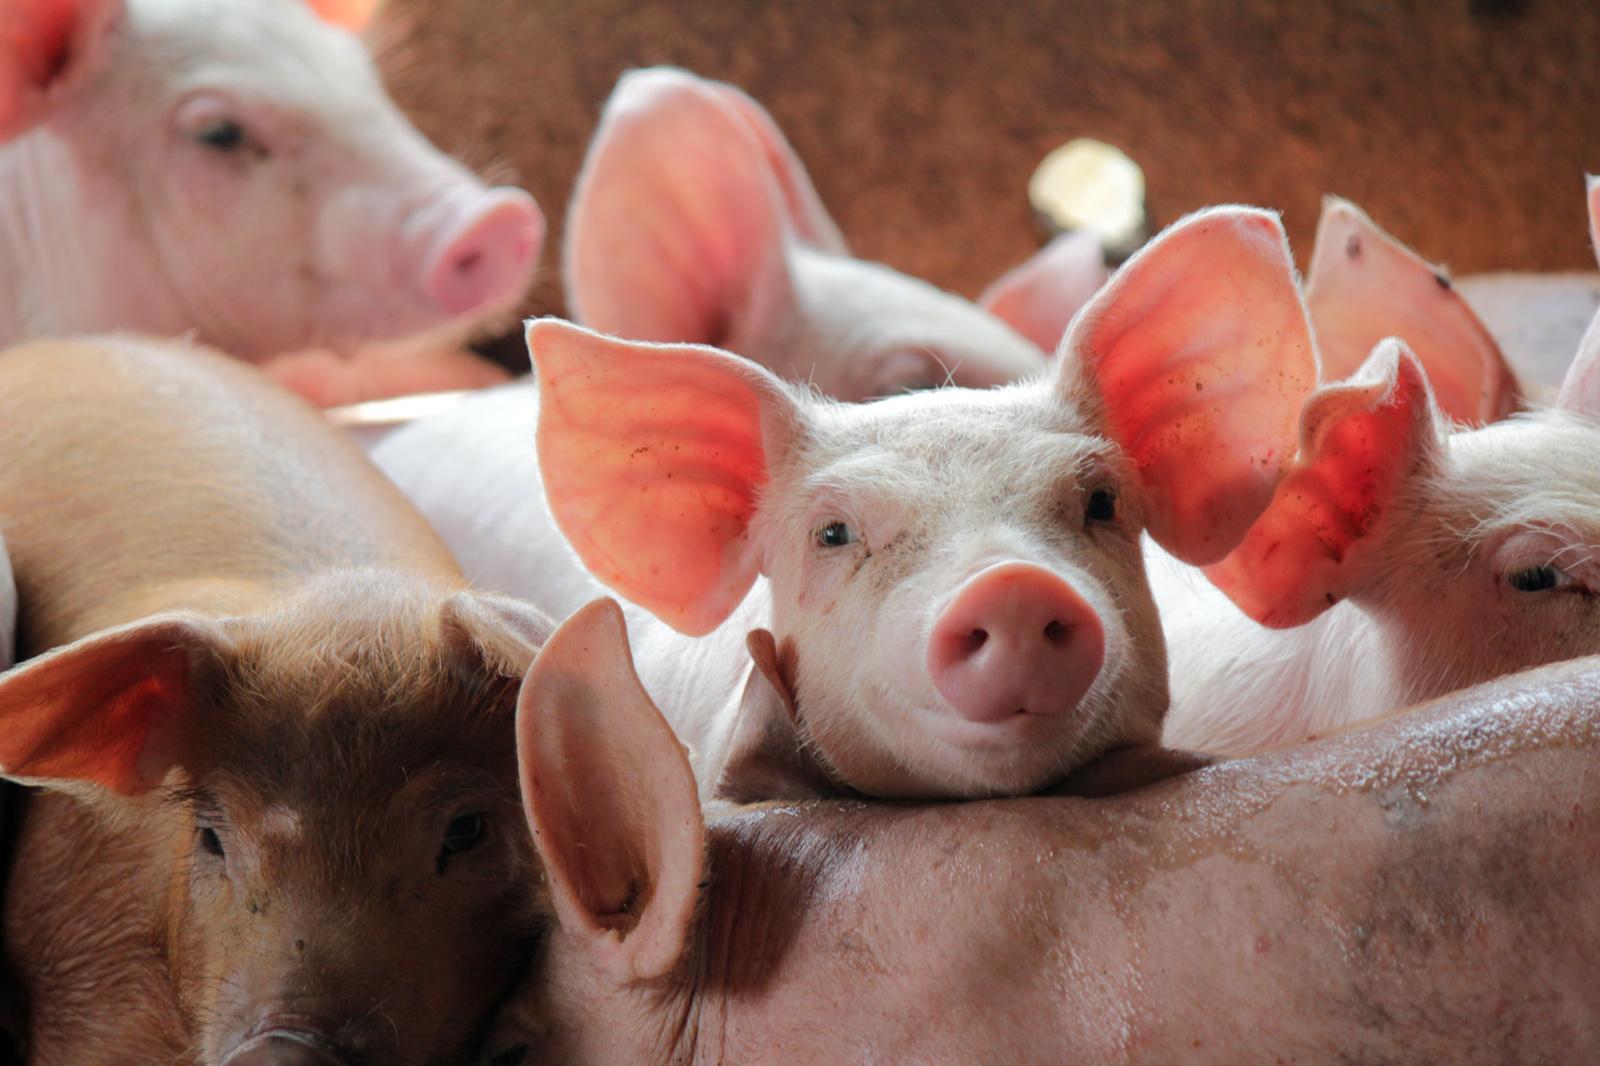 Afrikinio kiaulių maro aukų– dešimtys tūkstančių: kol nėra vakcinos, ligą sustabdyti privalome ir galime patys